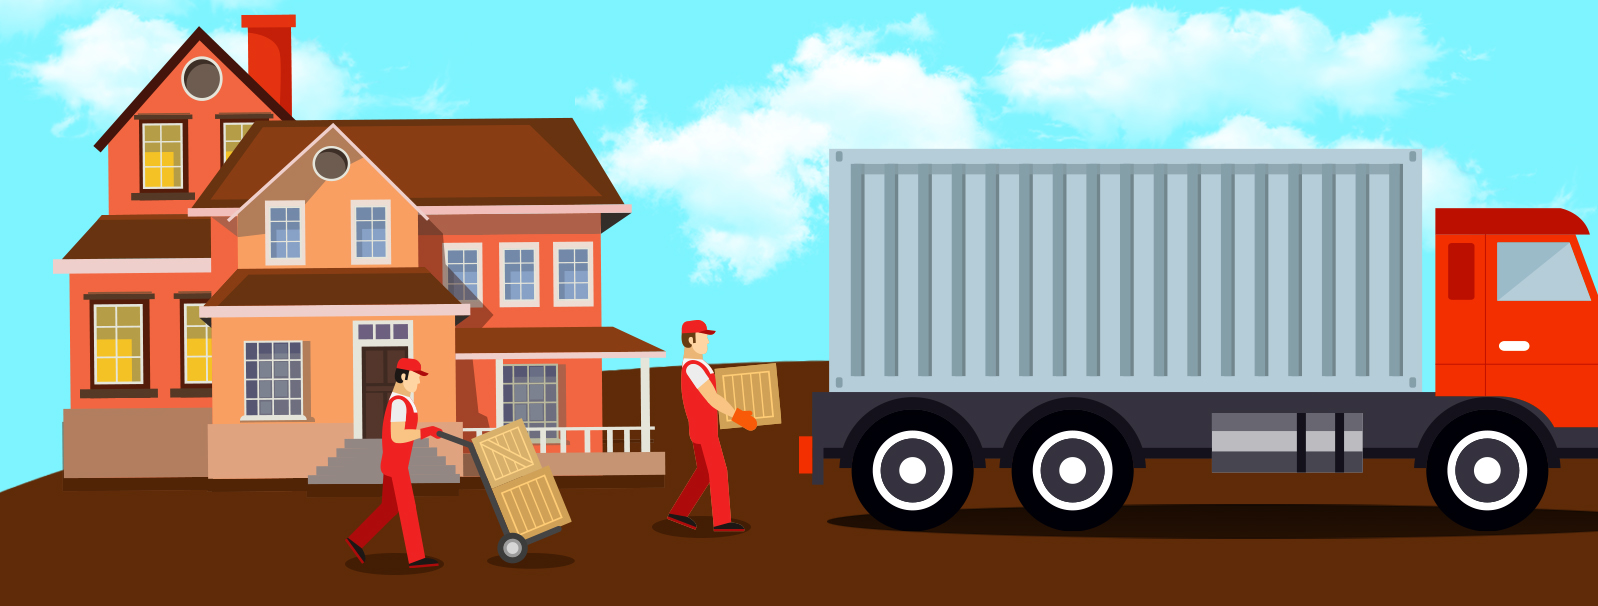 HARI OMPL PVT. LTD. For Household Shifting